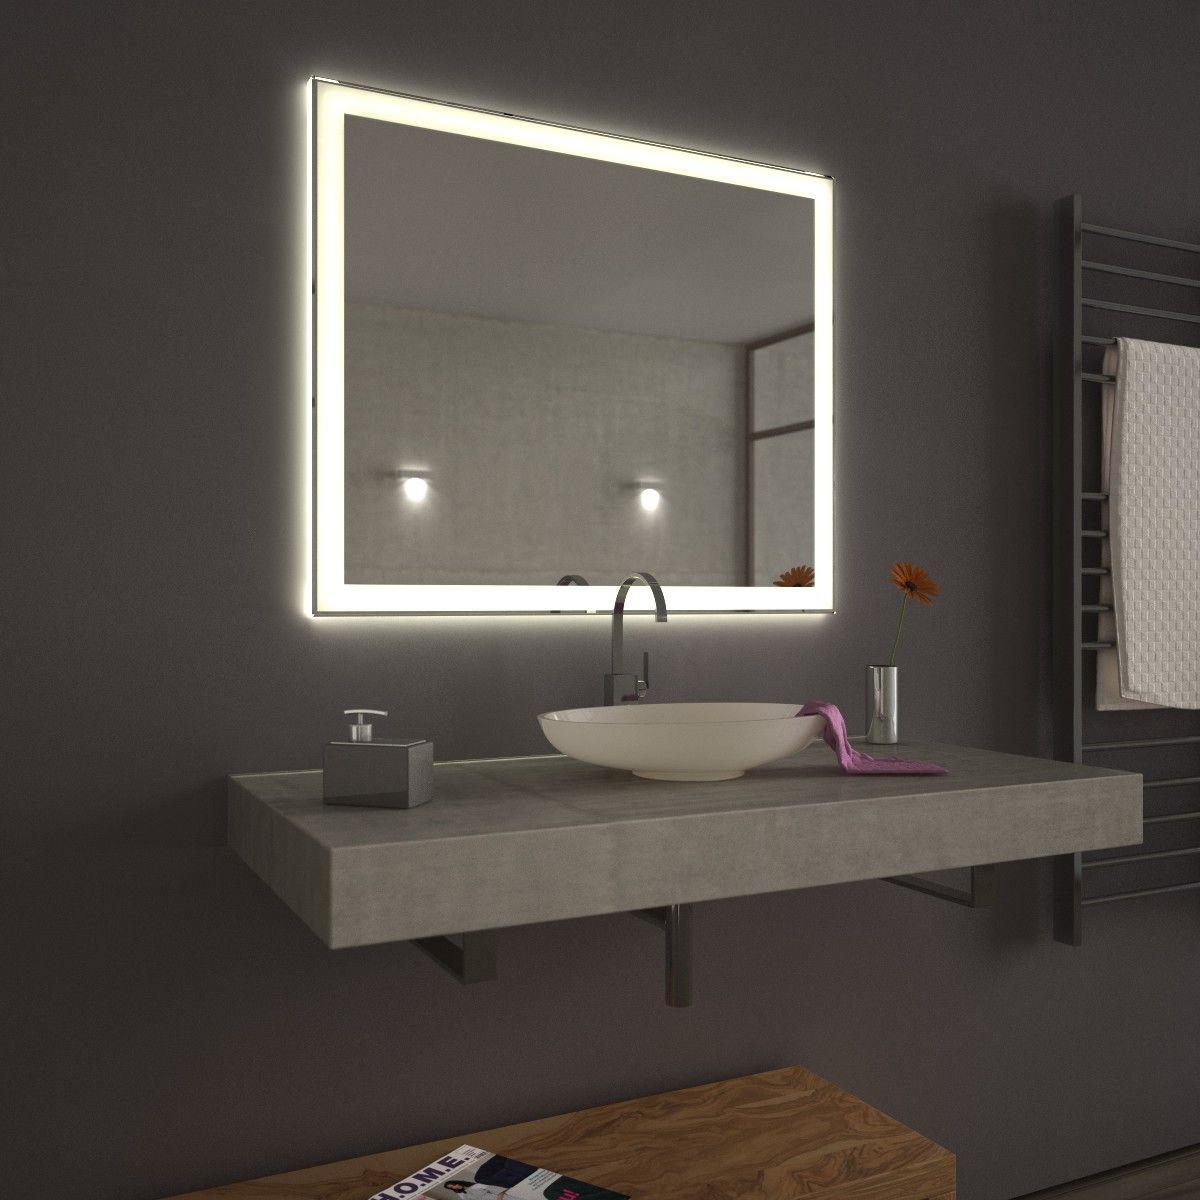 Badezimmerspiegel Welches Licht